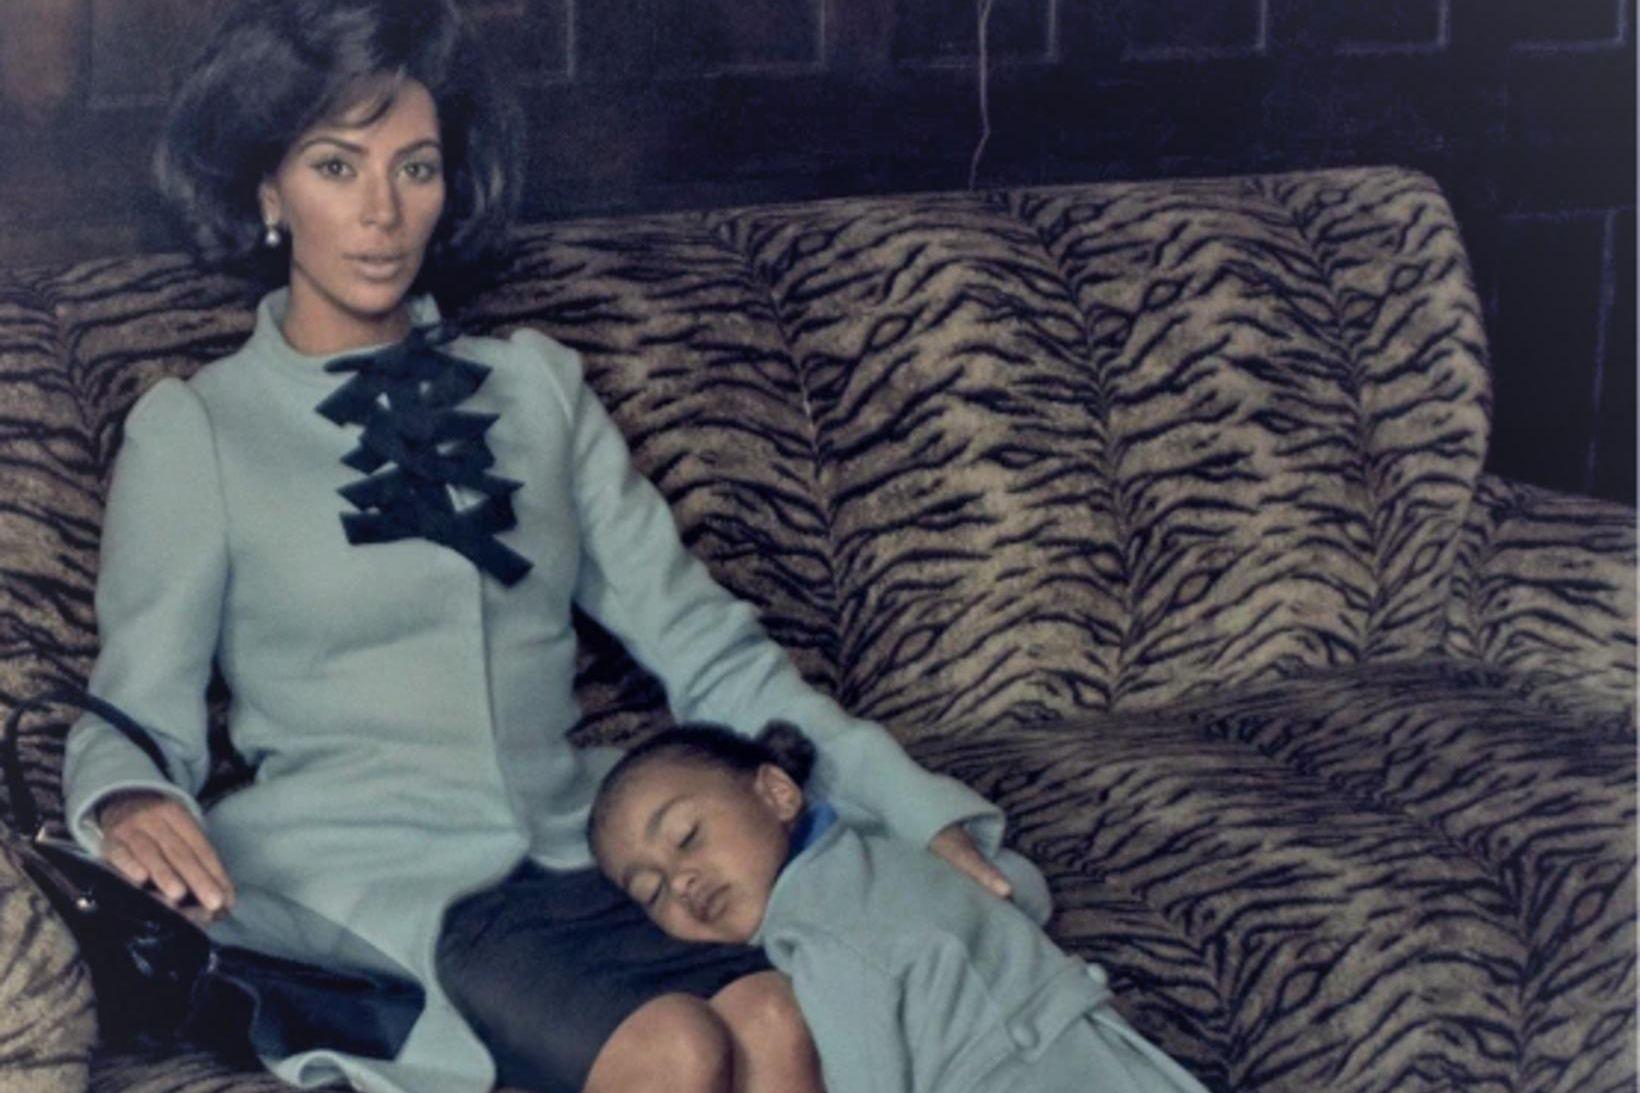 Kim Kardashian ásamt North West í herferð Steven Klein. Þær …